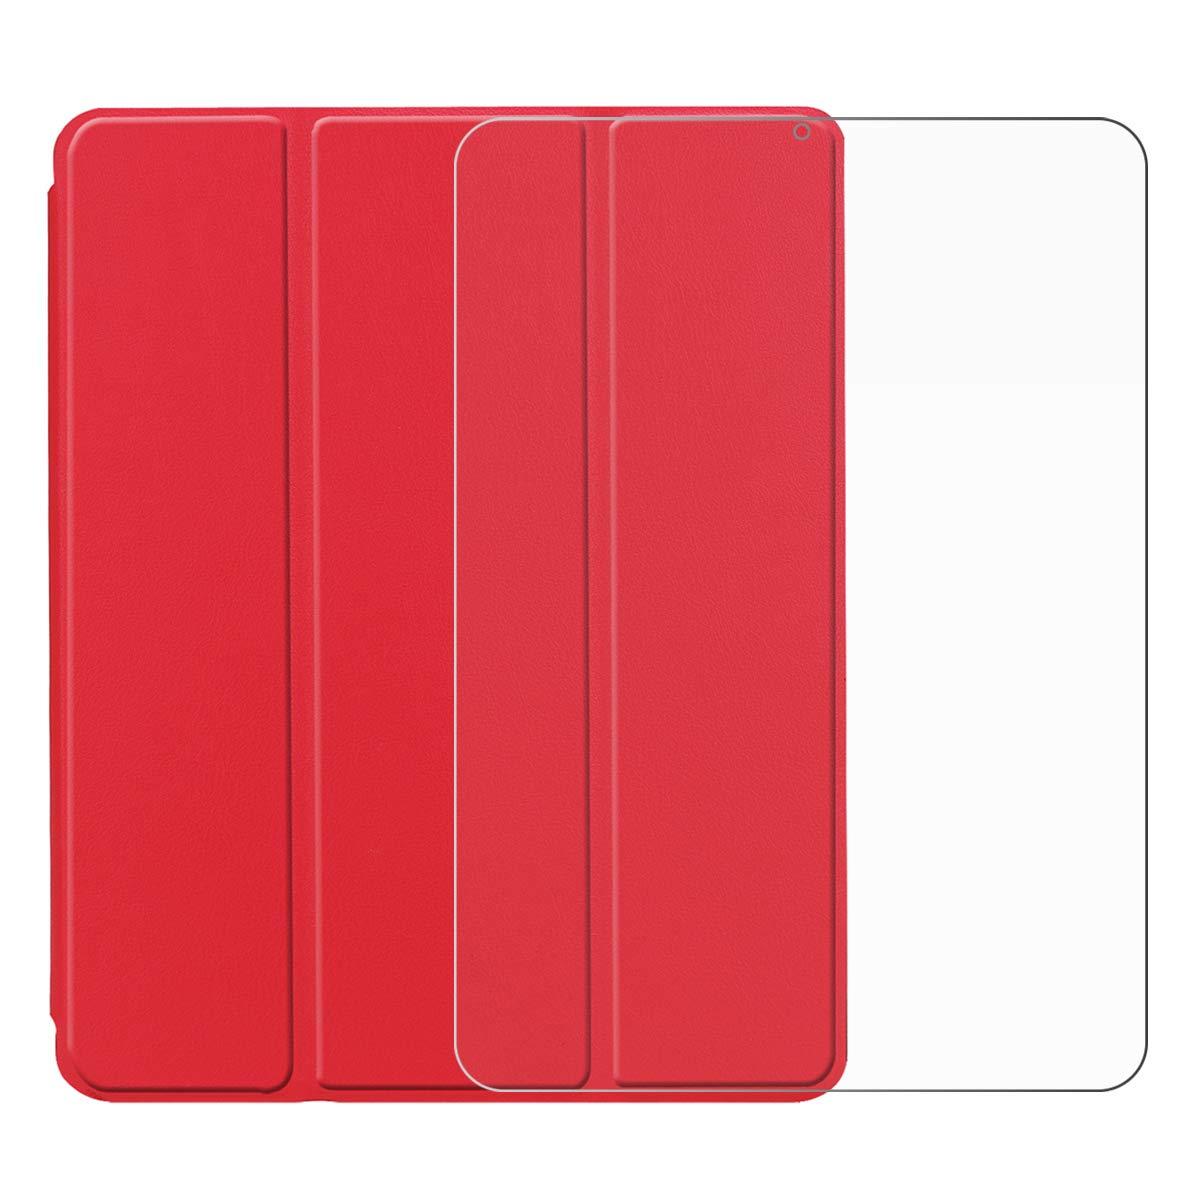 【着後レビューで 送料無料】 TOTOOSE iPad 12.9インチ Pro 12.9インチ レッド 2018 PU TOTOOSE フォリオカバー レザーケース 携帯電話ケース バンパーシェル レッド B07KZ3HX2D, 大和住建:2d9cc657 --- a0267596.xsph.ru